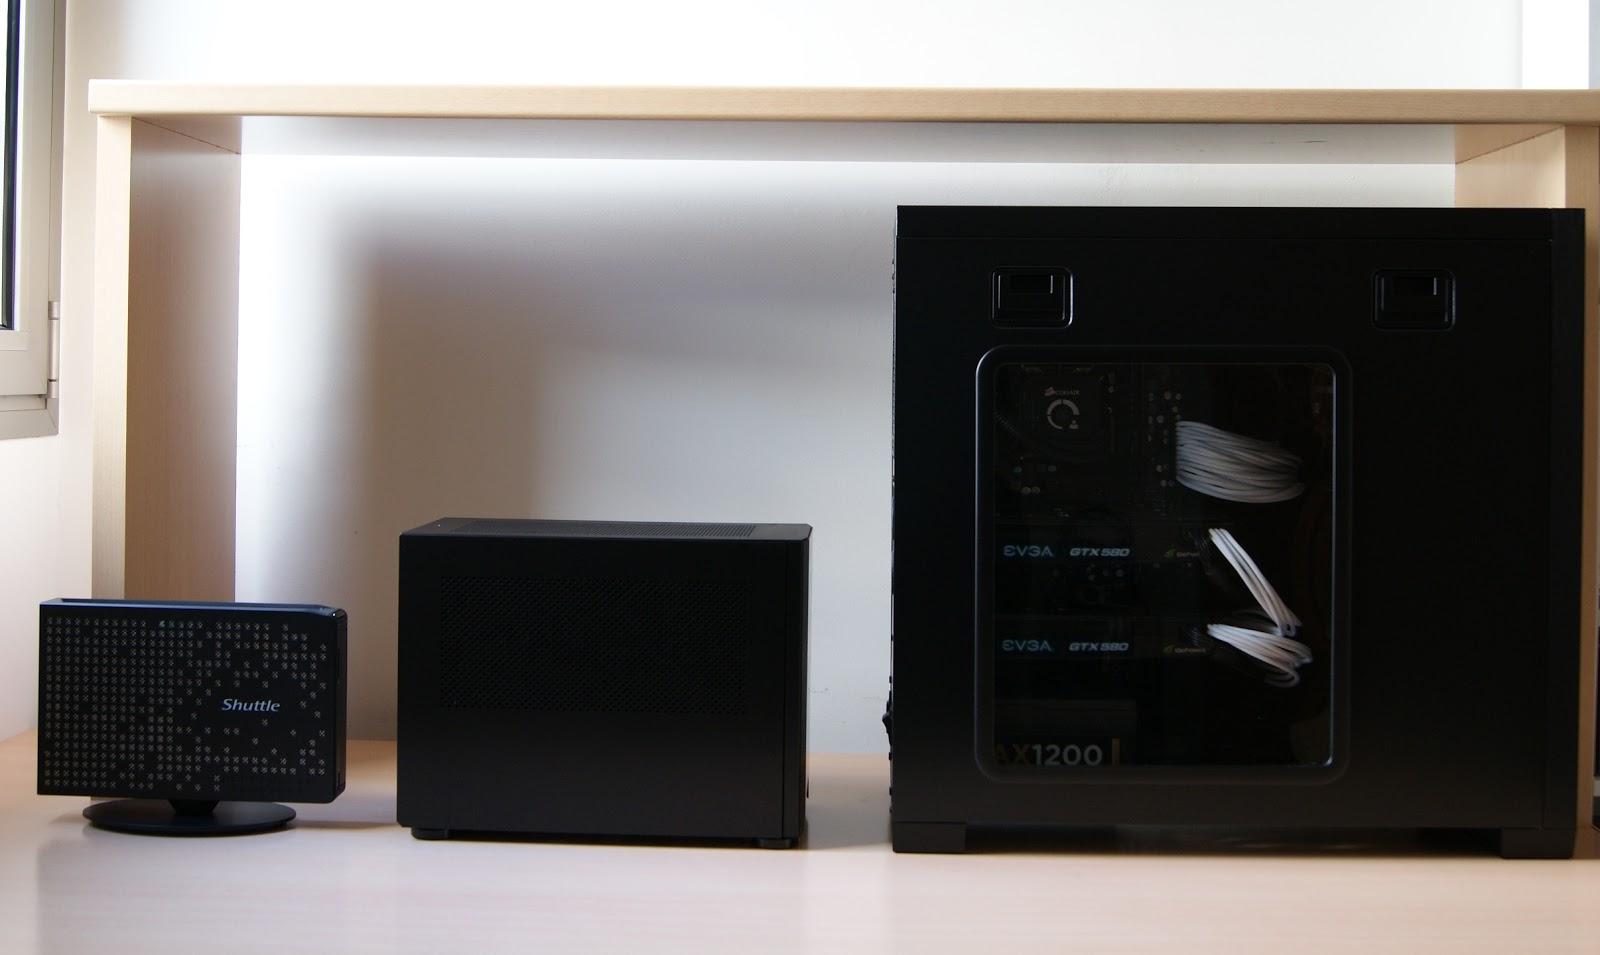 Tamaños de PC: Shuttle PC XS35GTV2, PC SFF Mini-ITX, y PC semitorre ATX